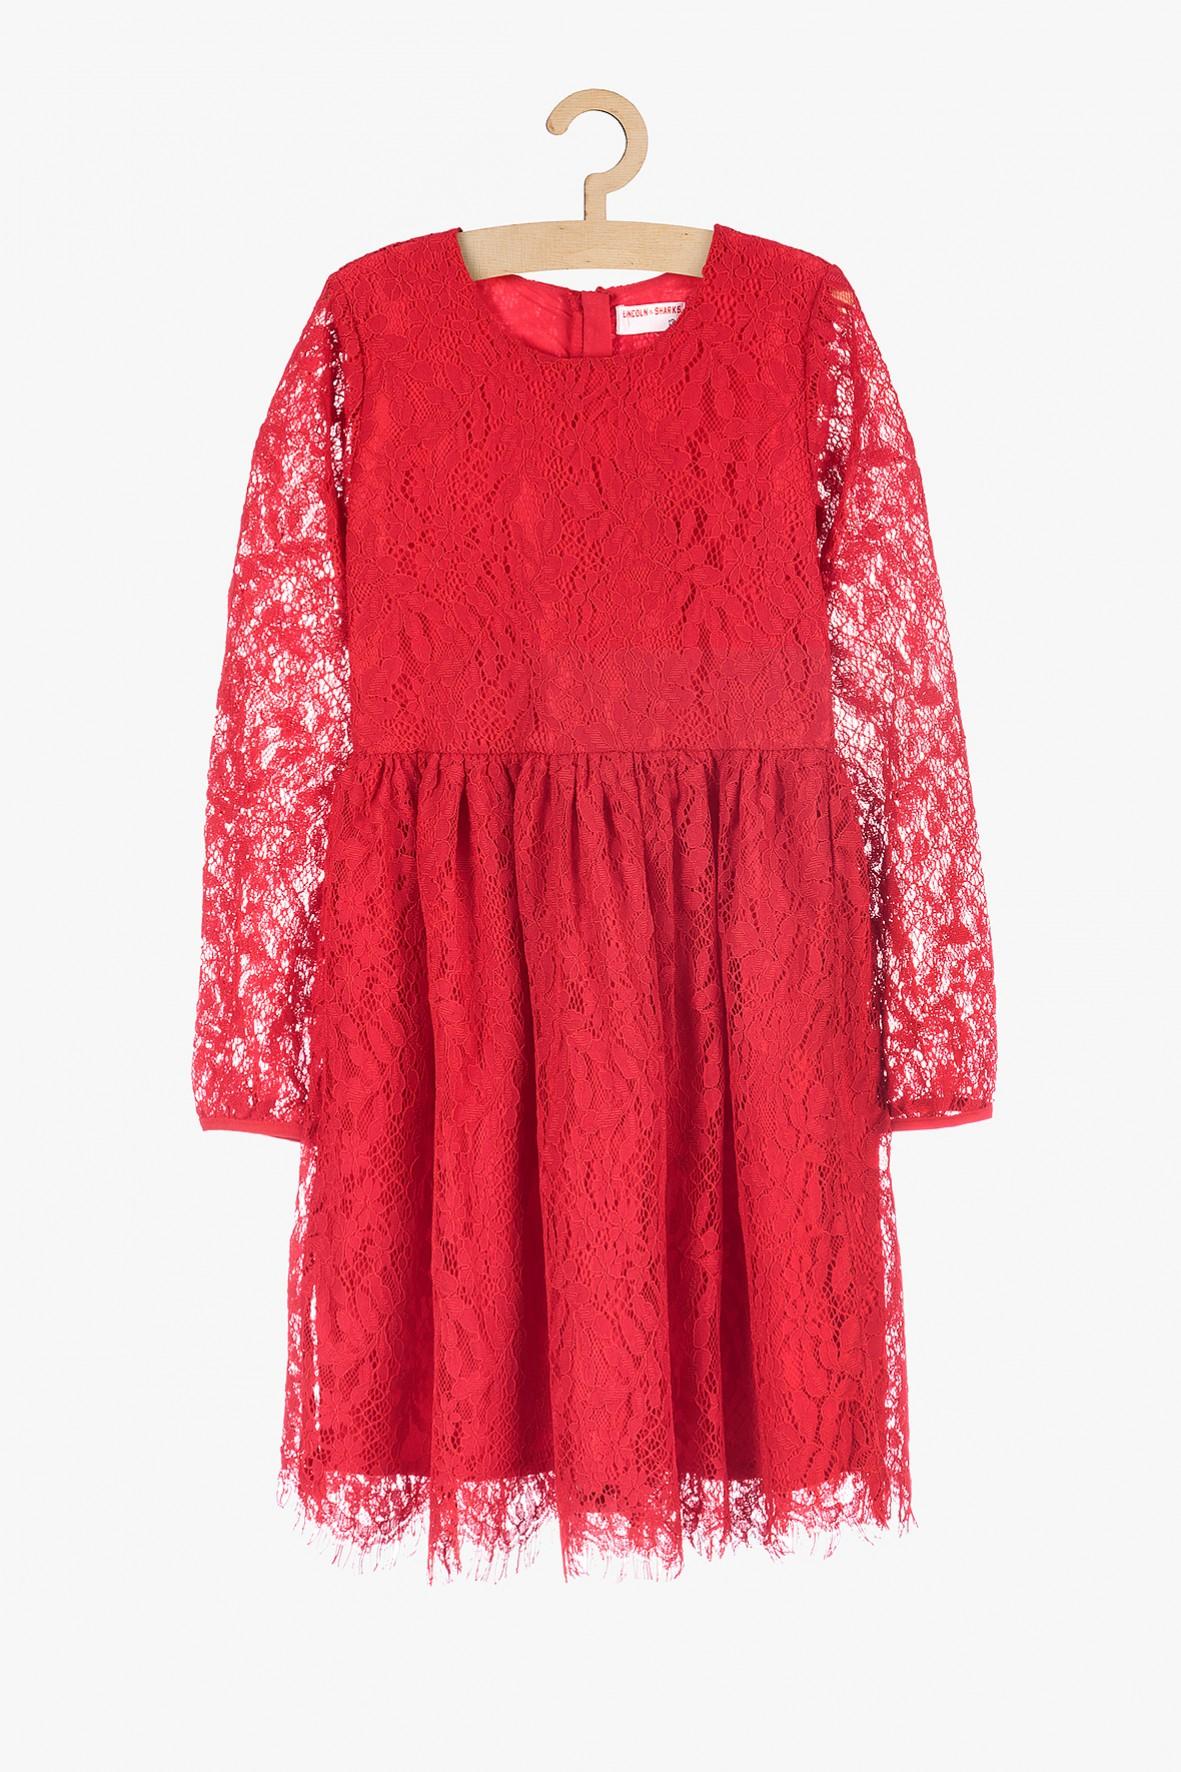 Koronkowa elegancka sukienka dla dziewczynki- czerwona